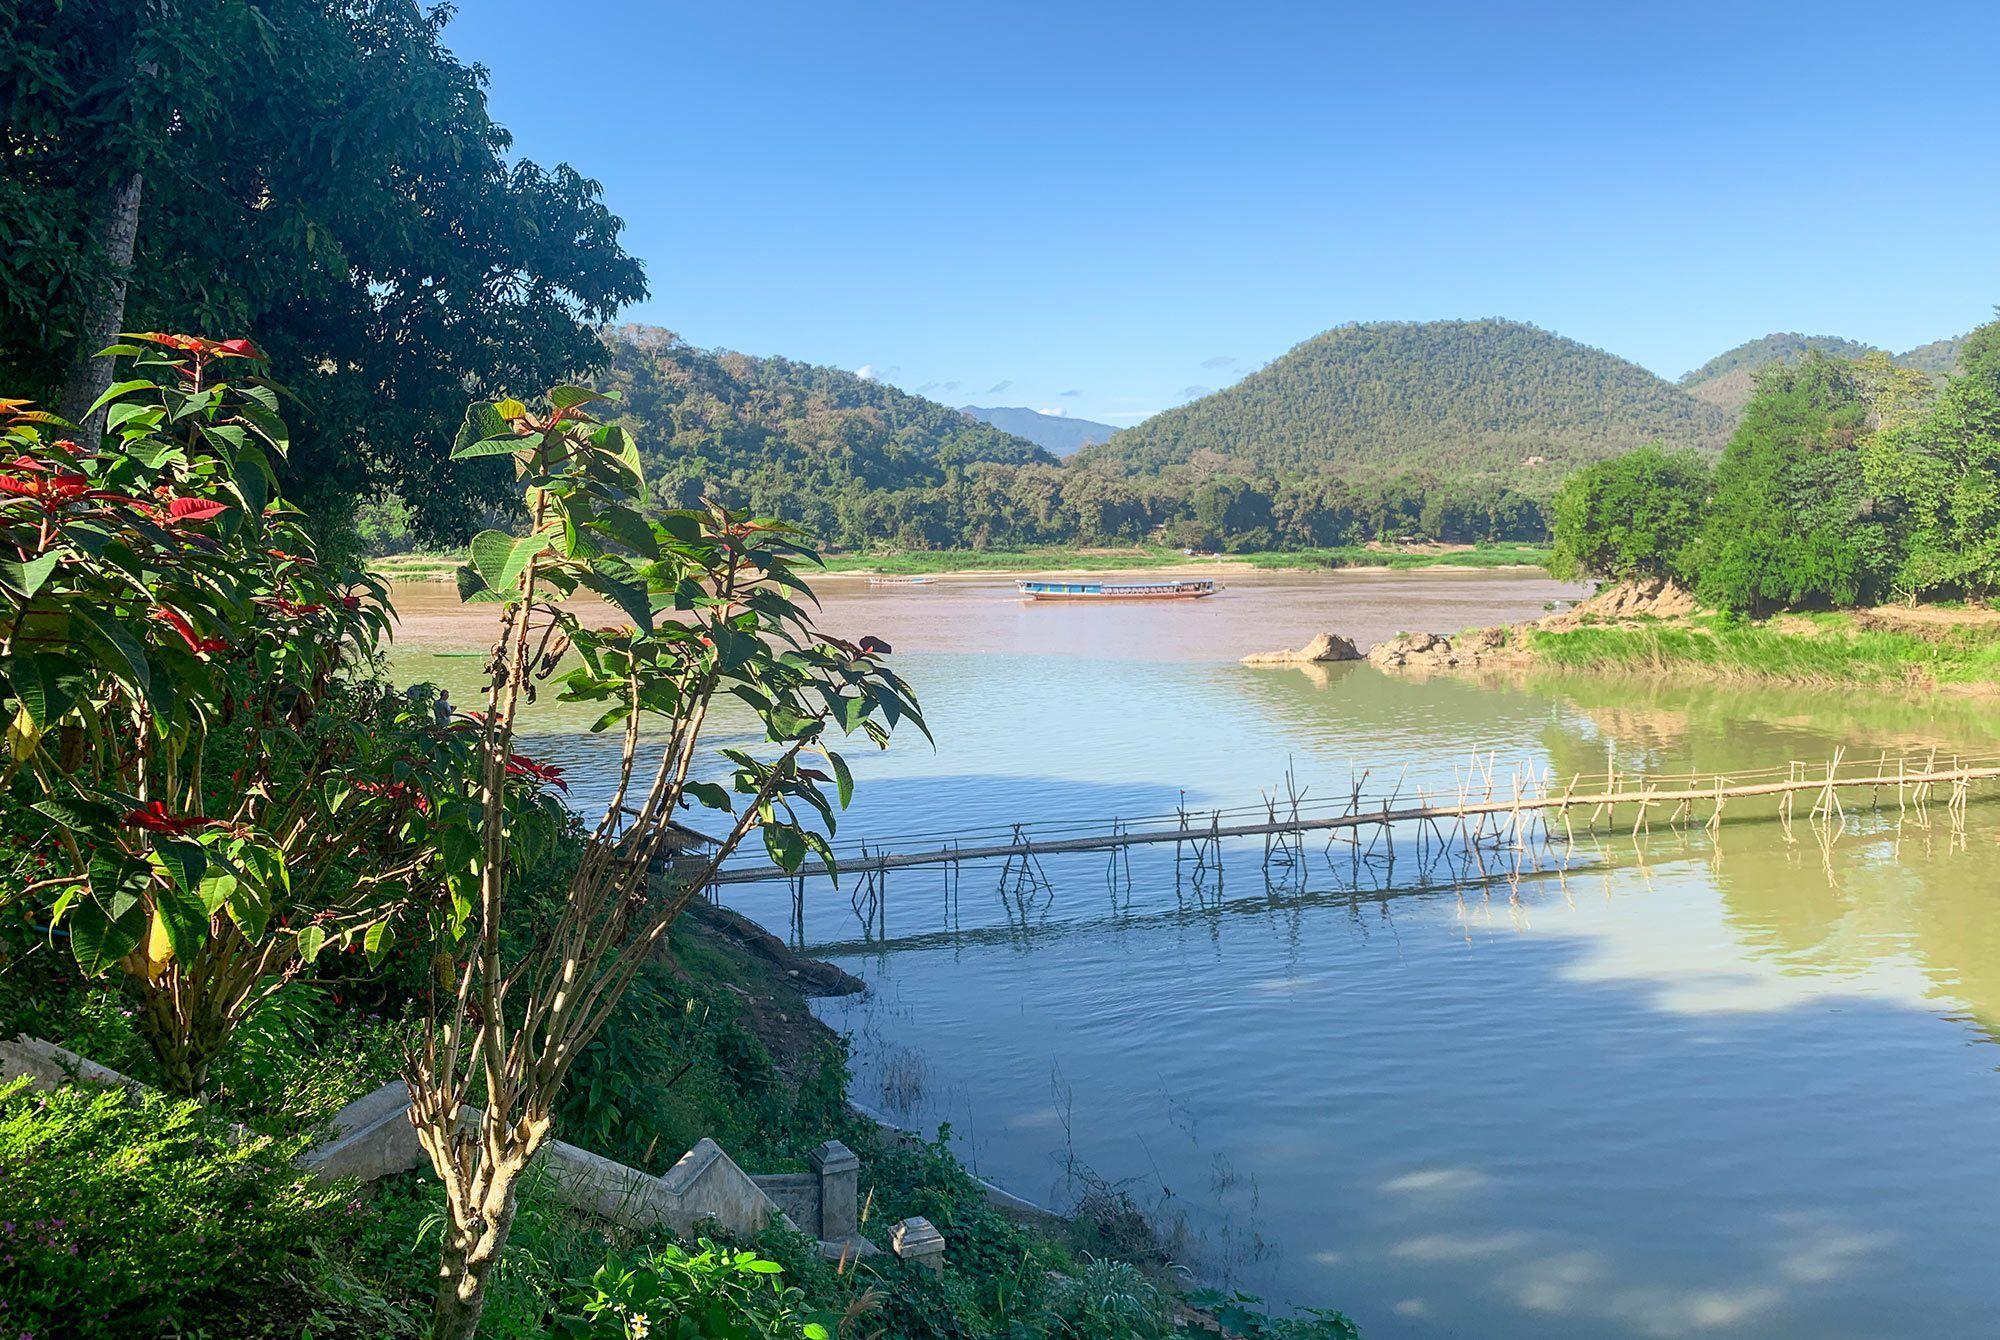 Zusammenfluss von Mekong und Namkhan